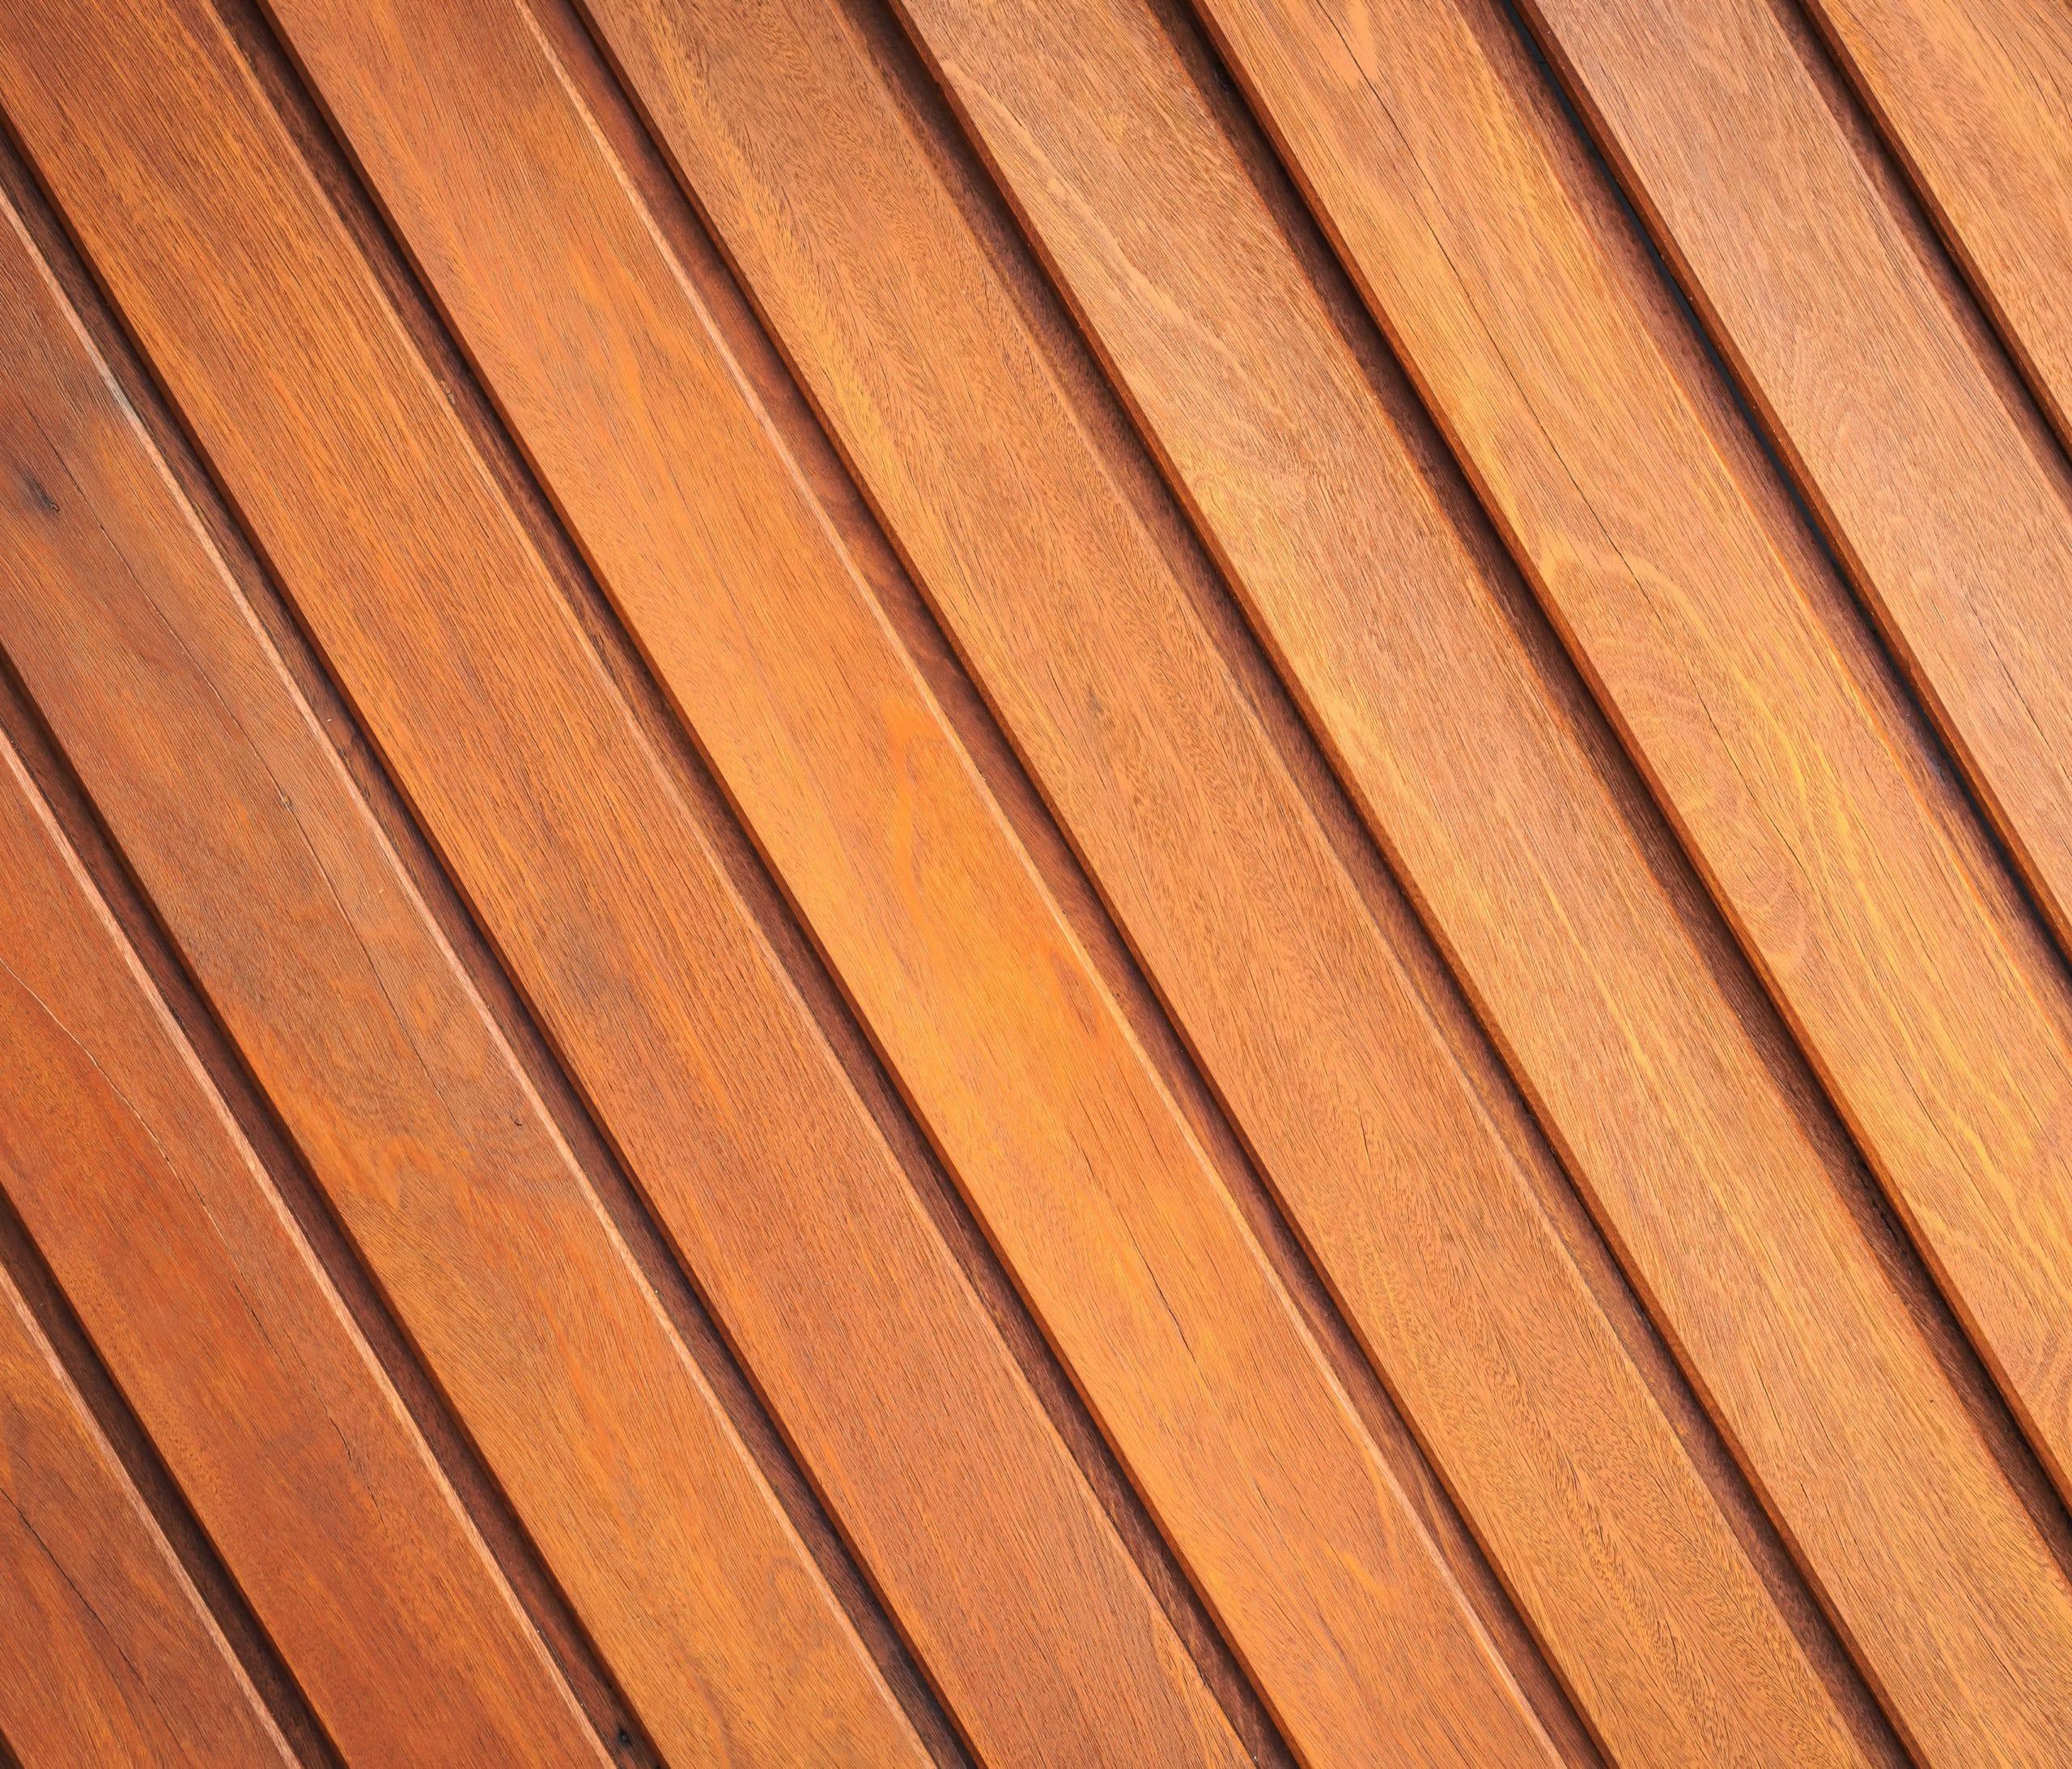 Tweak wood pergola